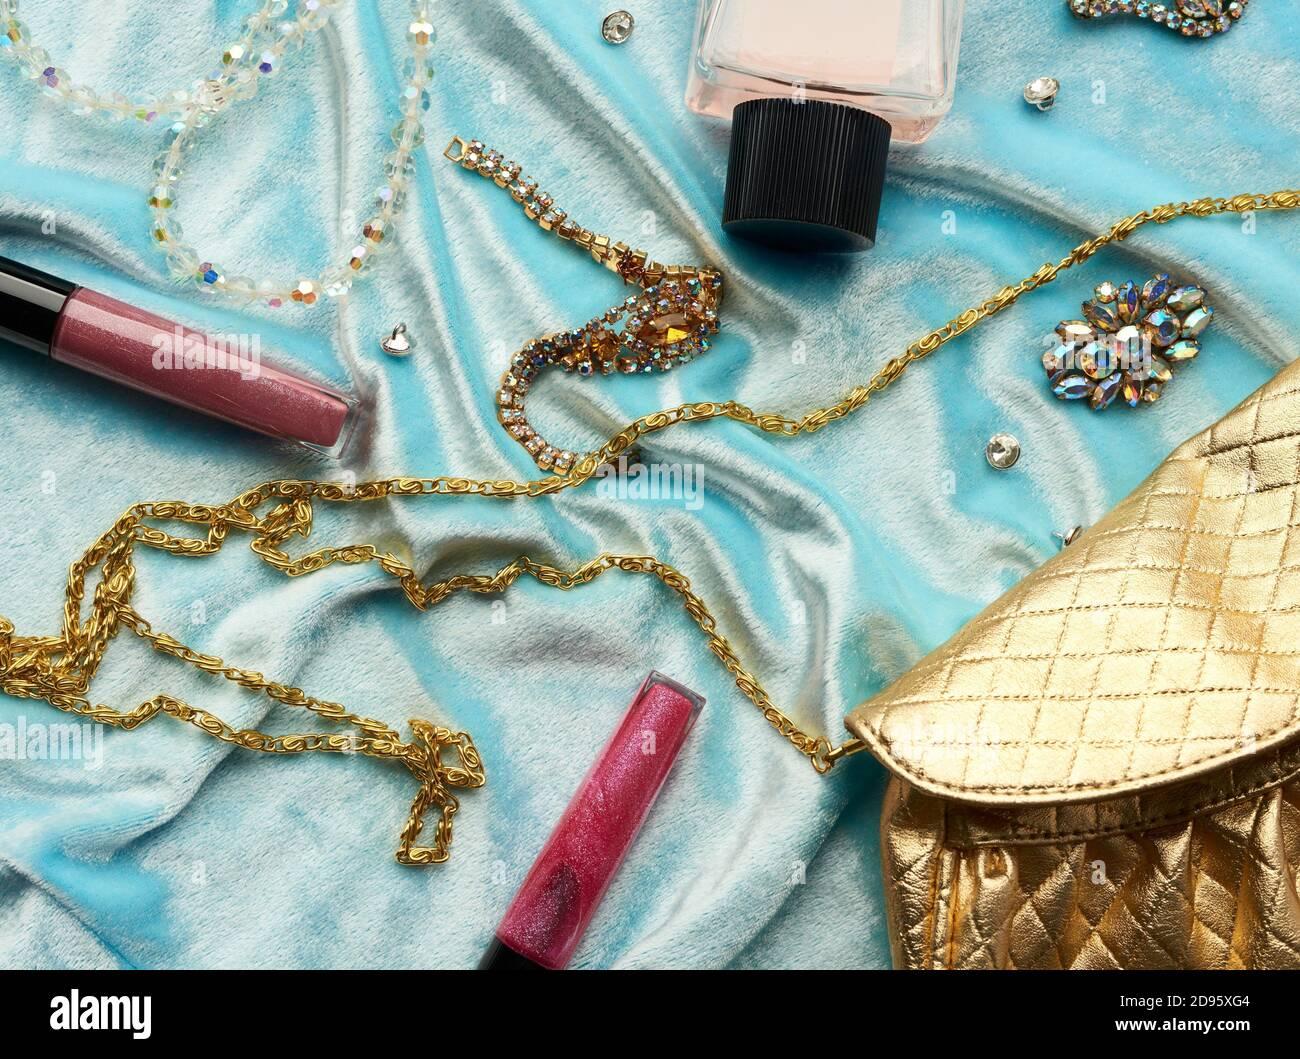 goldene Handtasche, Lipgloss und Perlen auf blauem Hintergrund, Draufsicht. Stockfoto